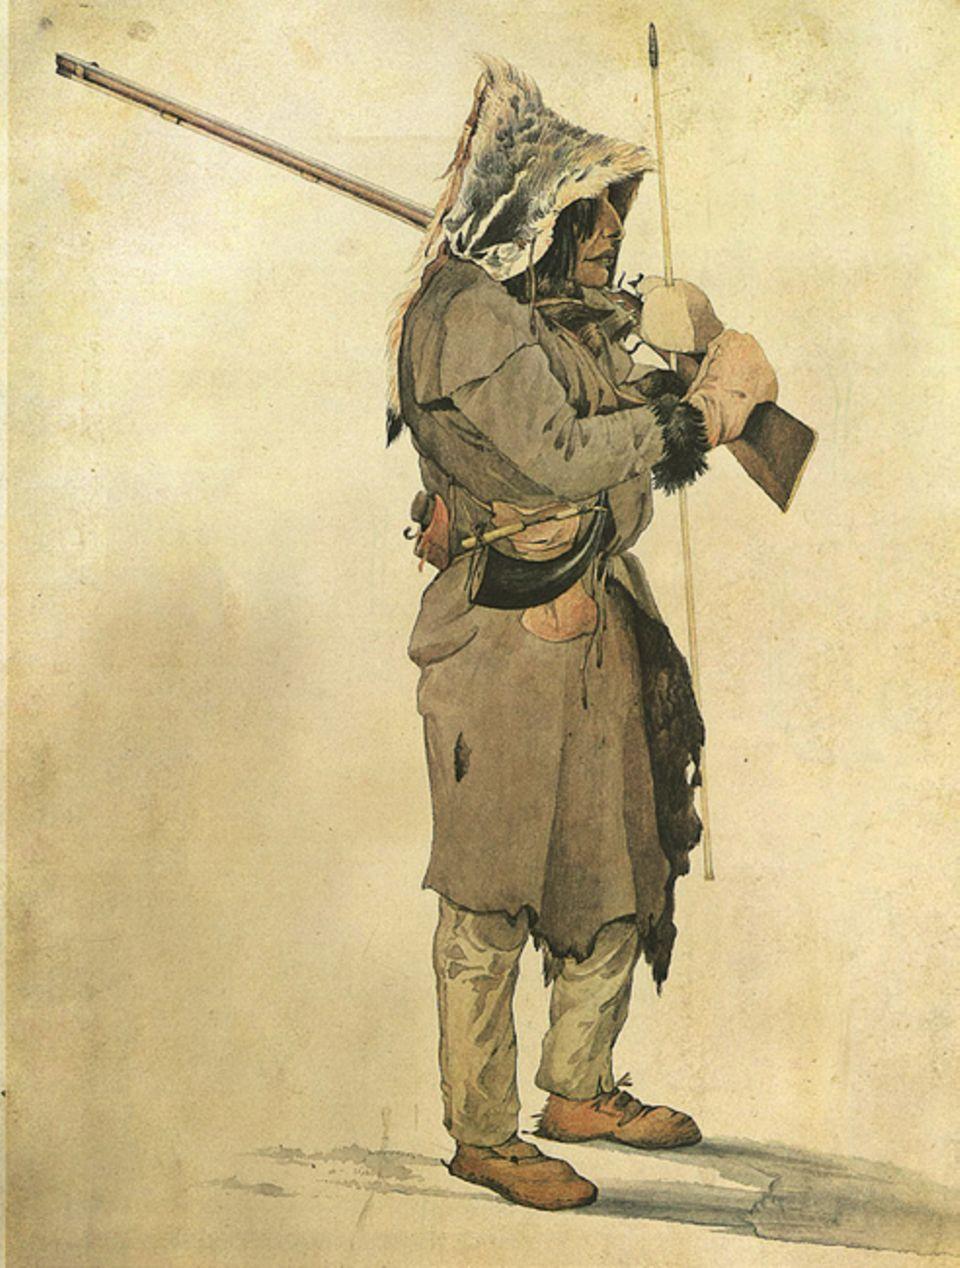 Trapper - 1803-1840: Die Assiniboin verkaufen den Weißen Bisonfleisch gegen Gewehre. Doch das Vordringen der Trapper treibt den Stamm immer weiter nach Westen